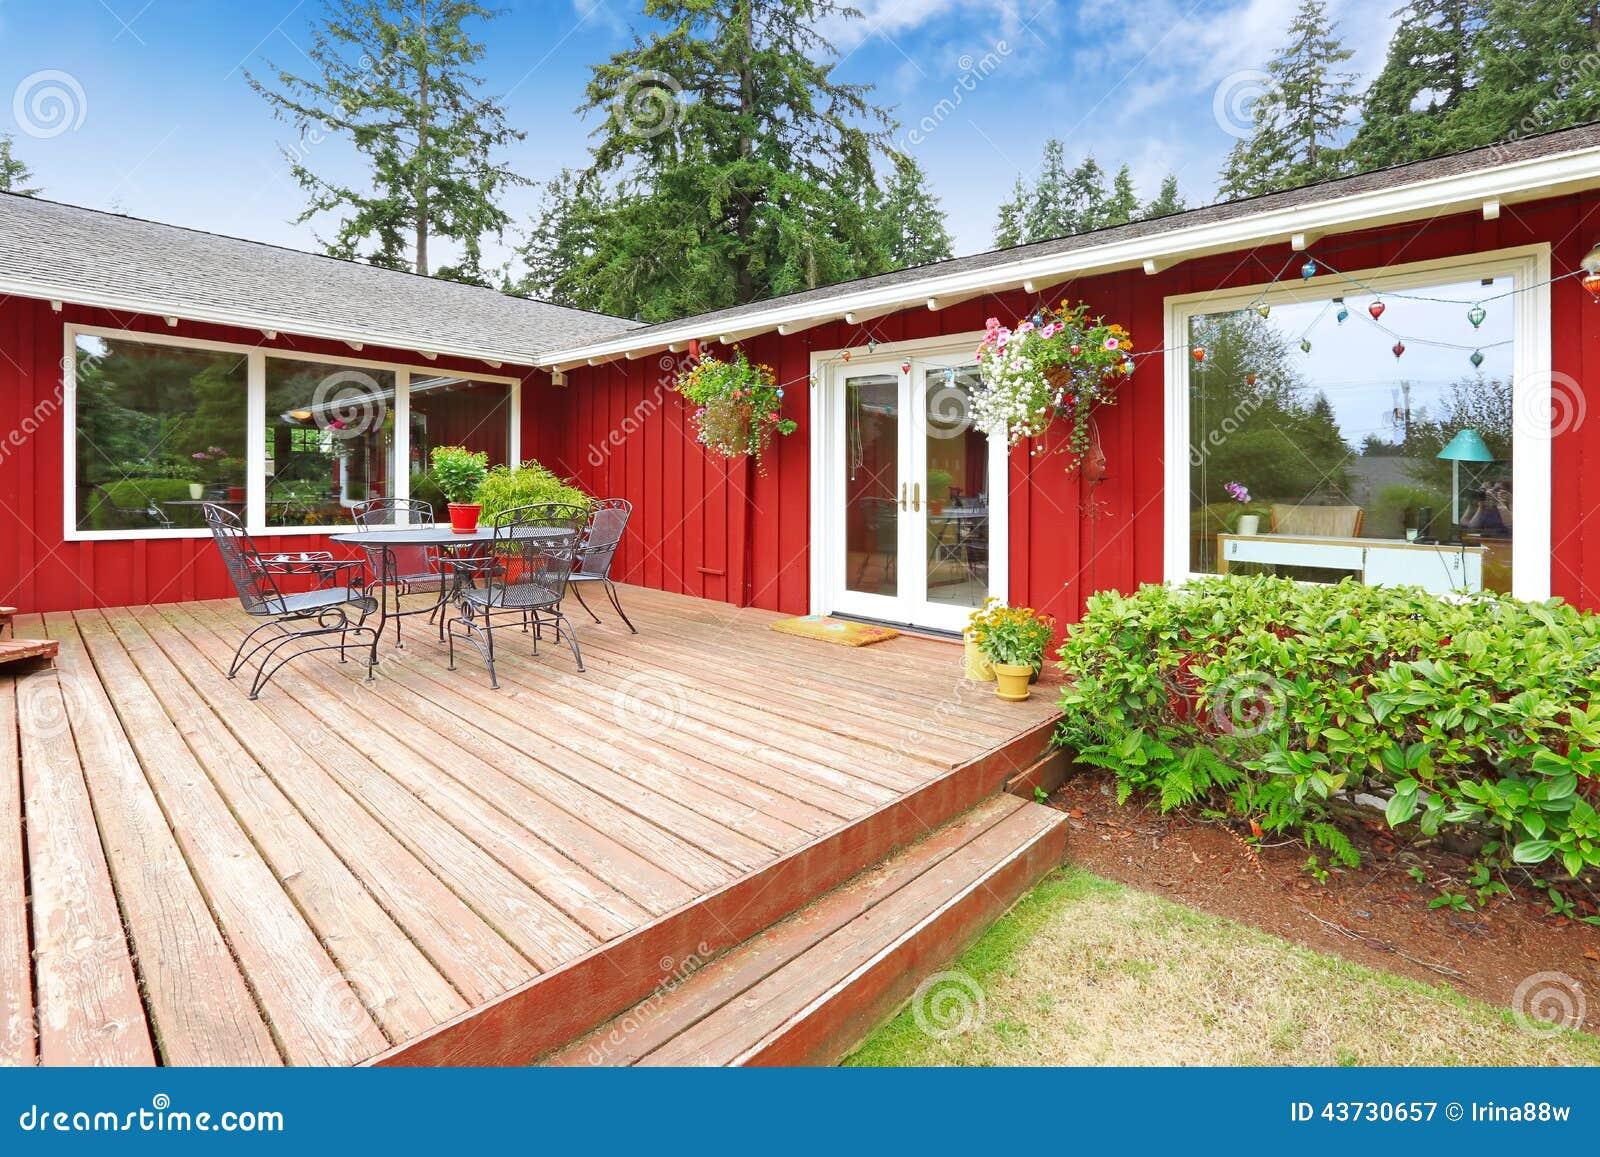 Helder rood huis met van het stakingsdek en terras gebied stock